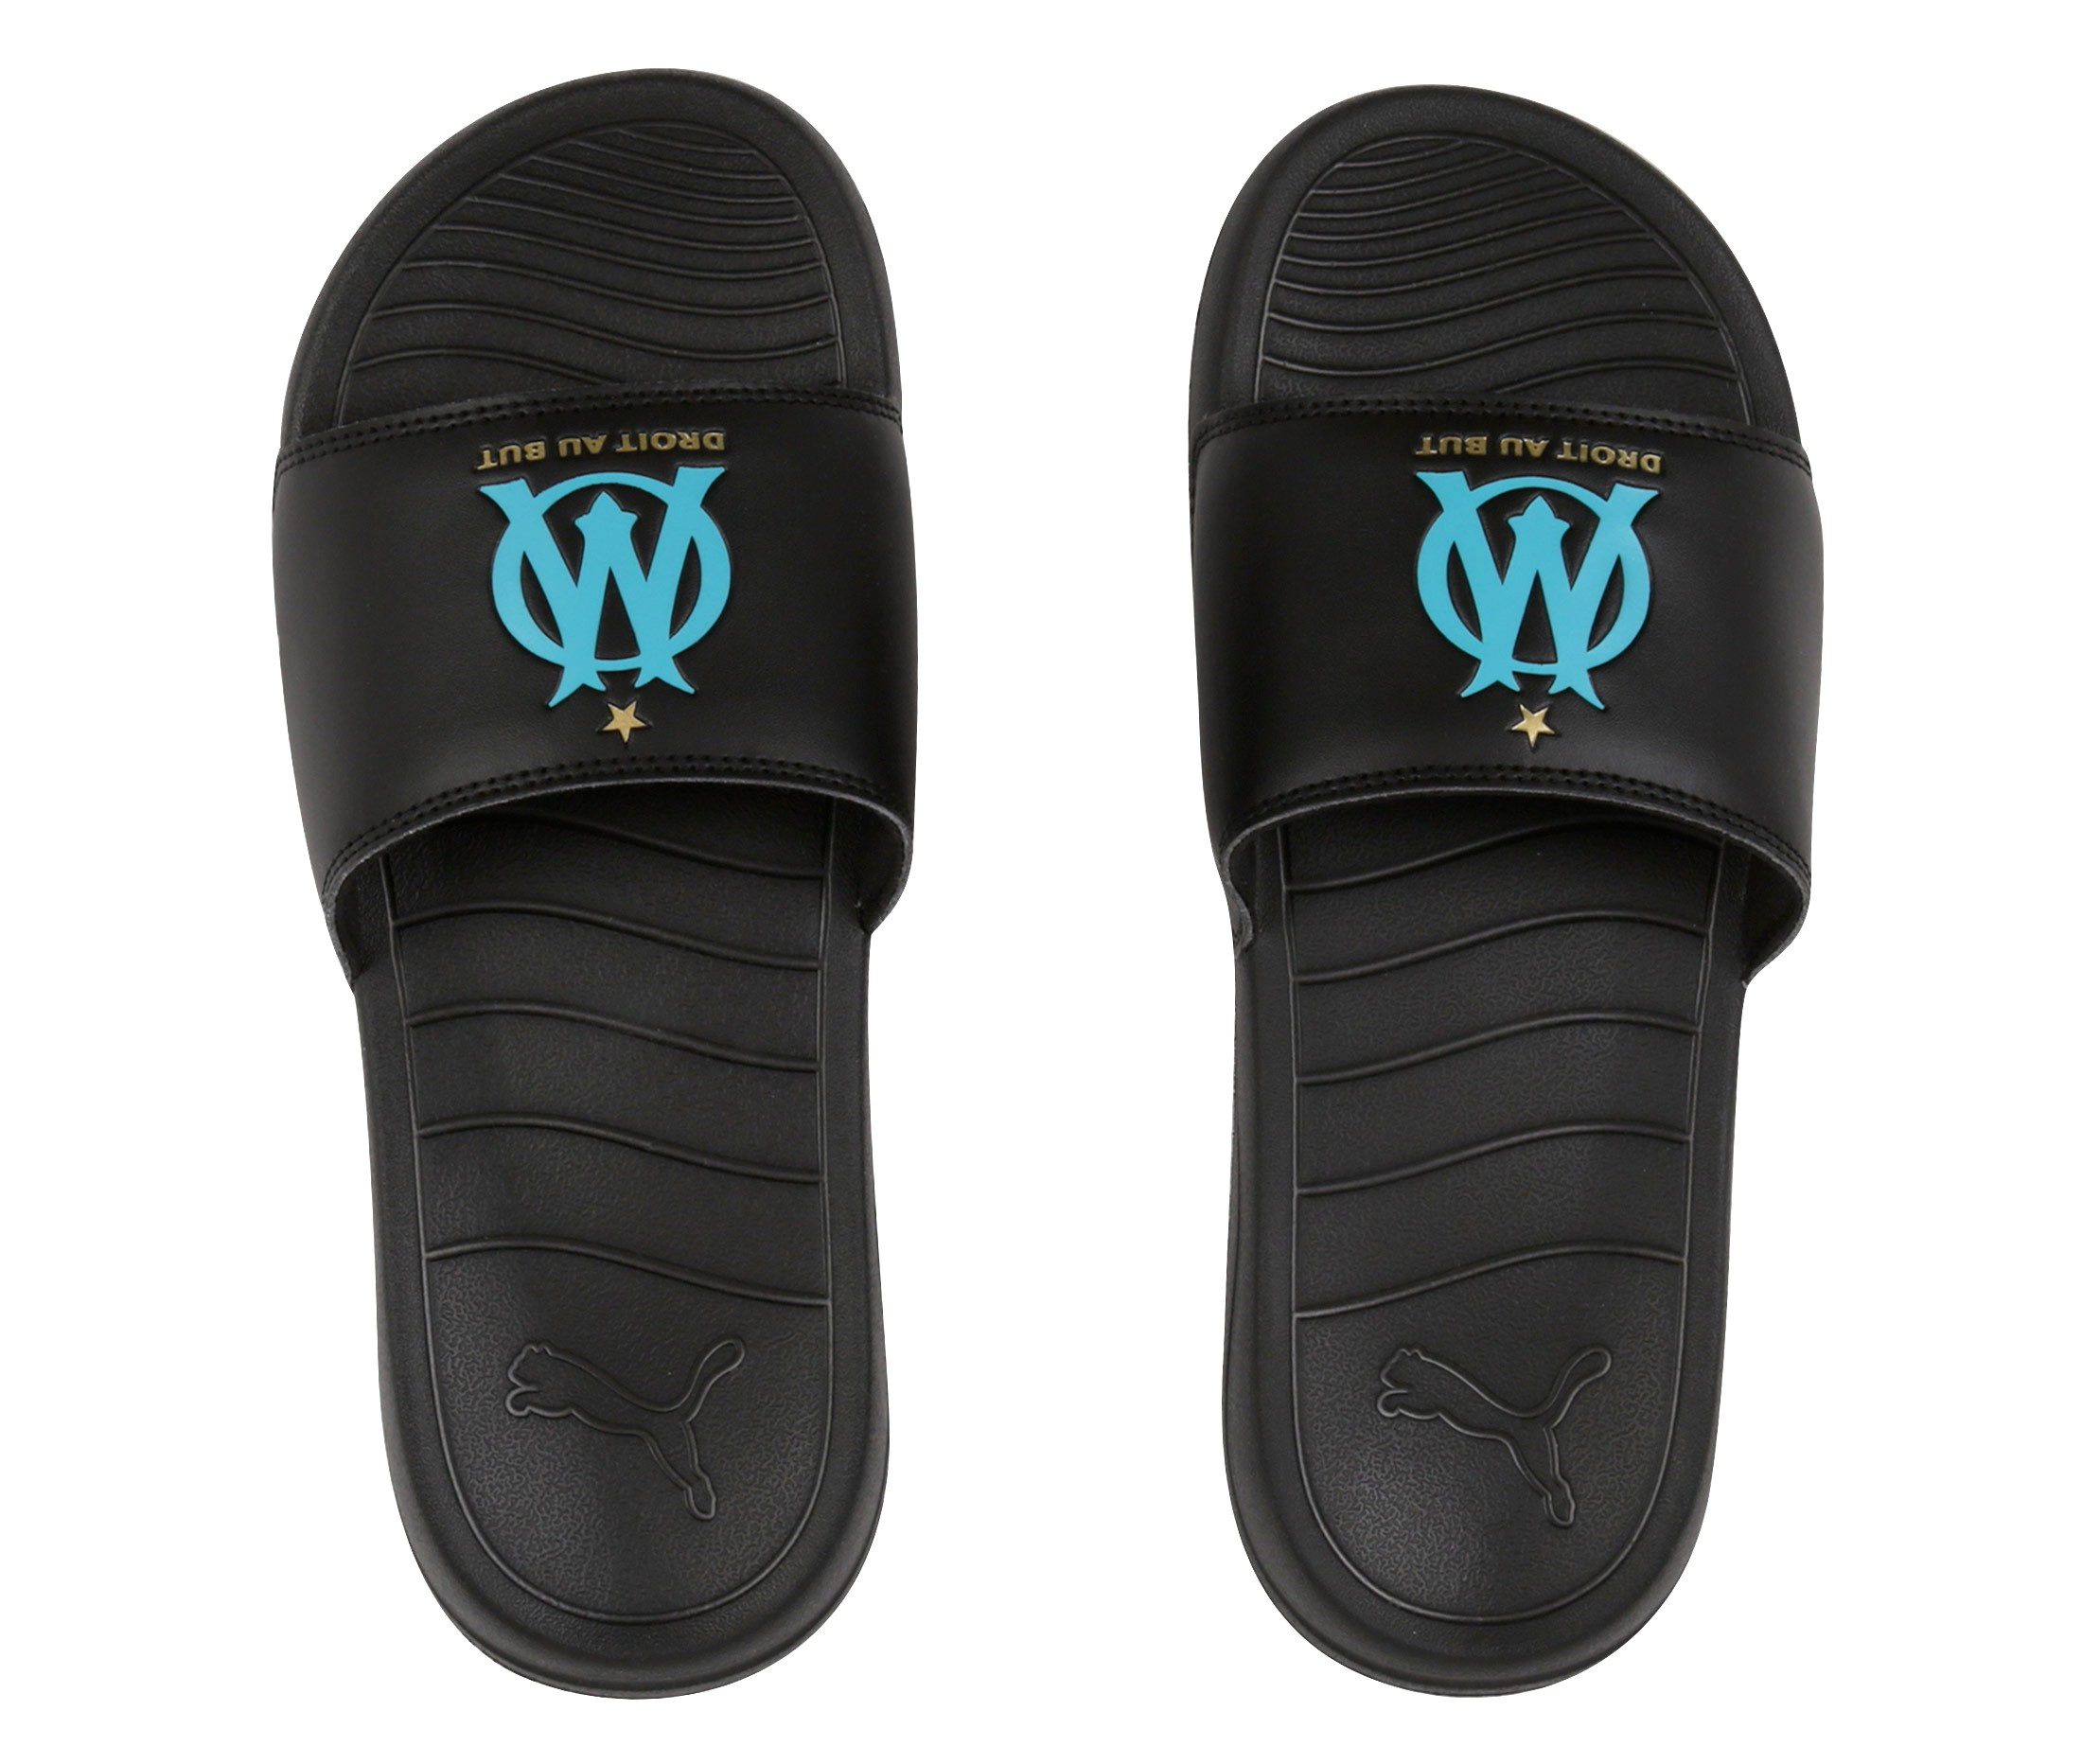 Chaussures OM pour Homme | Produits OM Homme | Olympique de Marseille